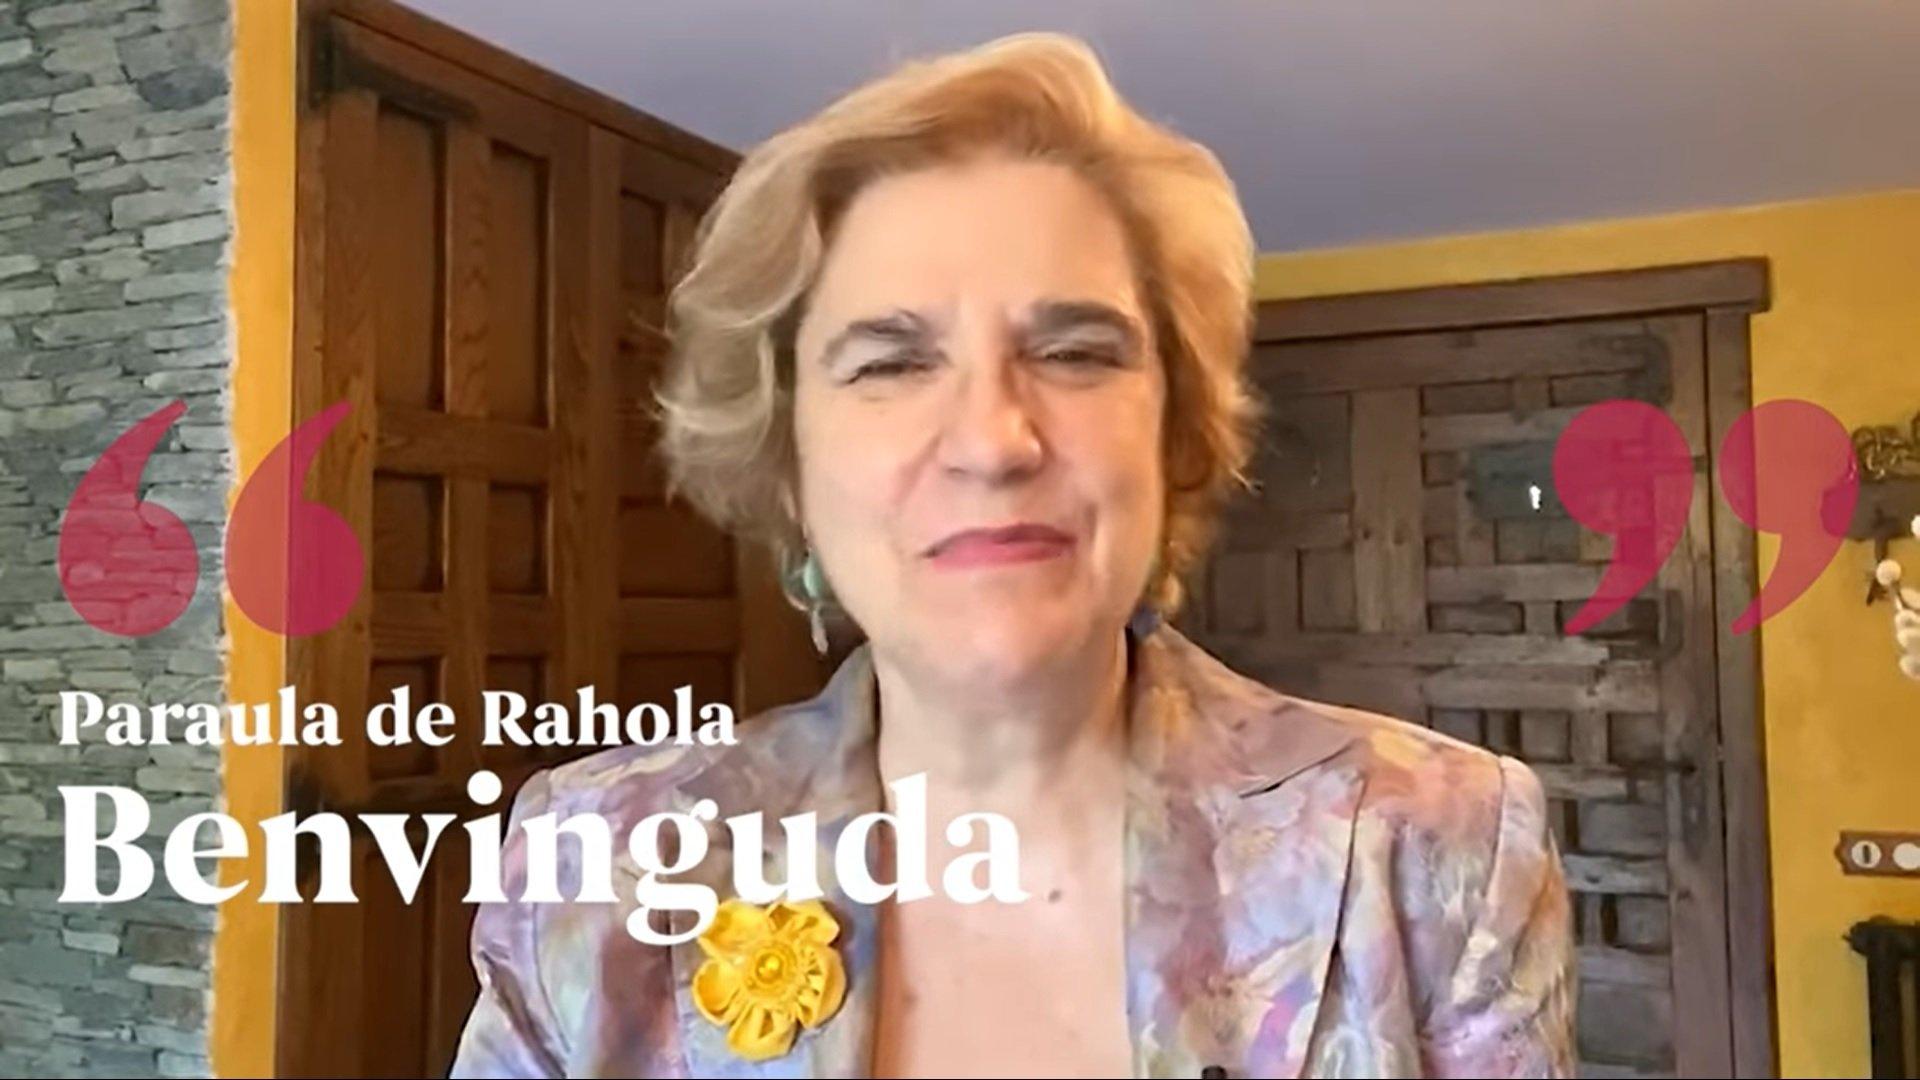 Primer video del canal de youtube 'Paraula de Rahola', publicado el 9 de oct